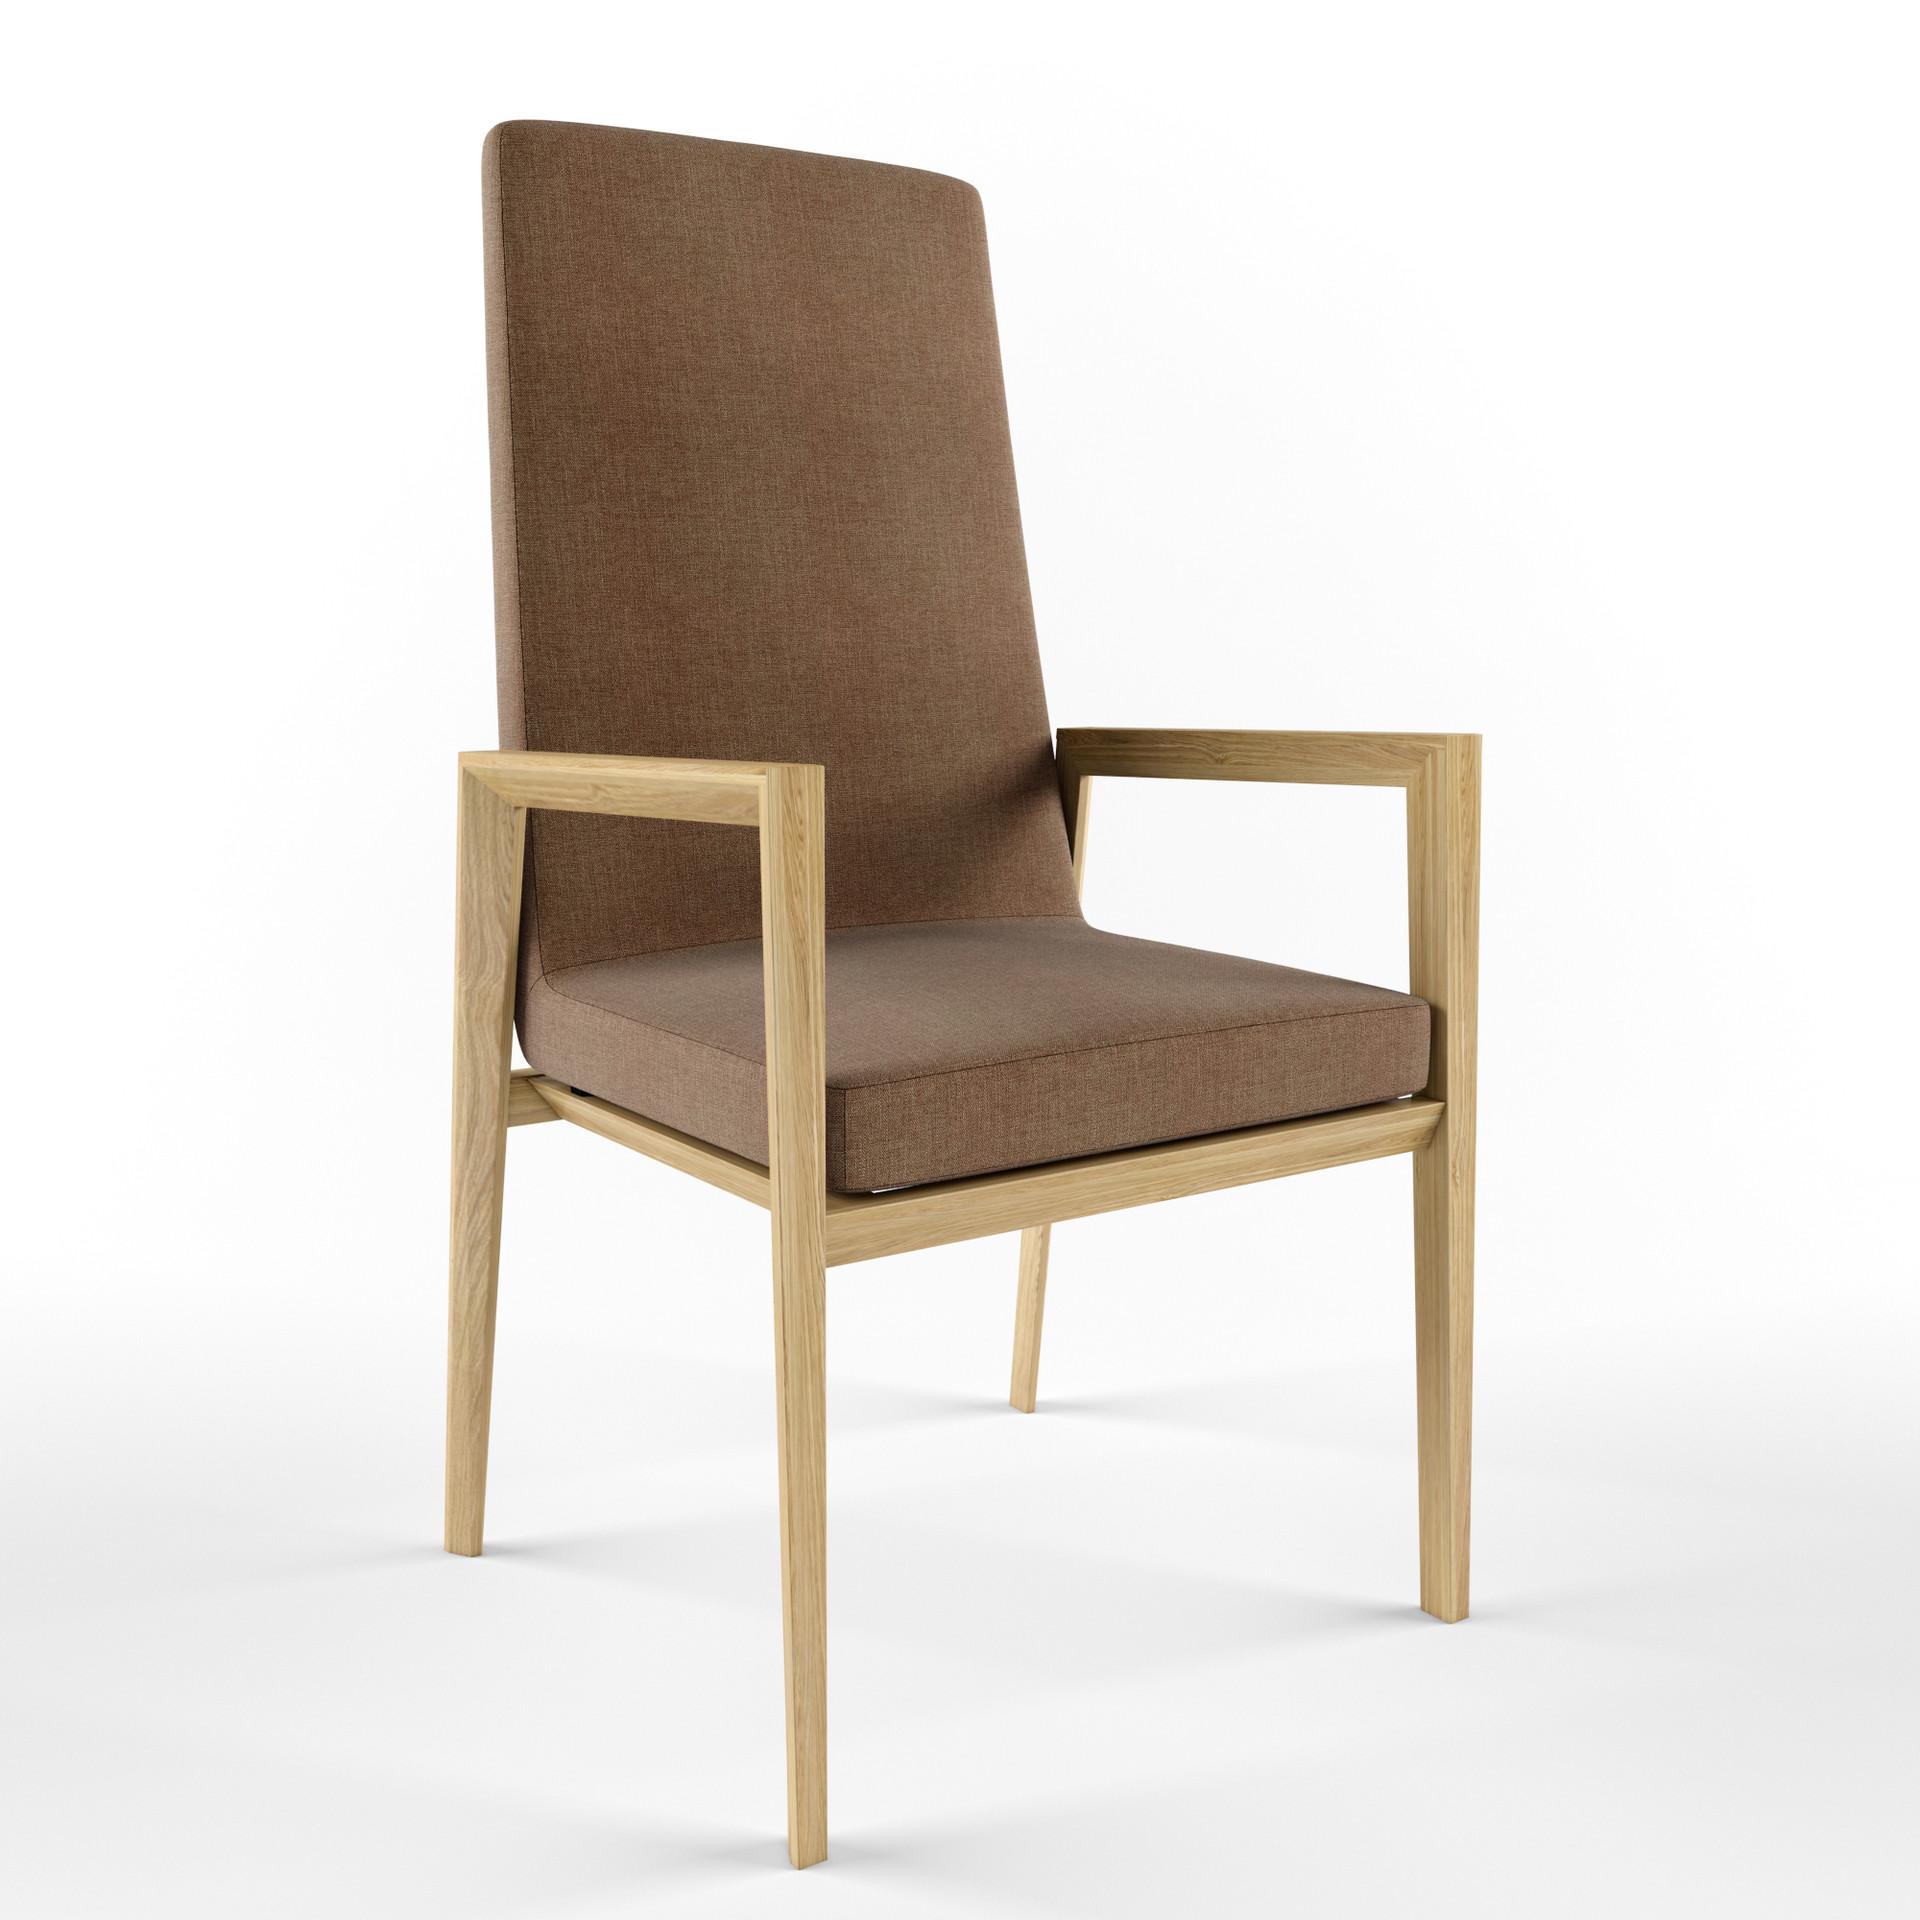 Pawel oleskow wizualizacja krzesla 3